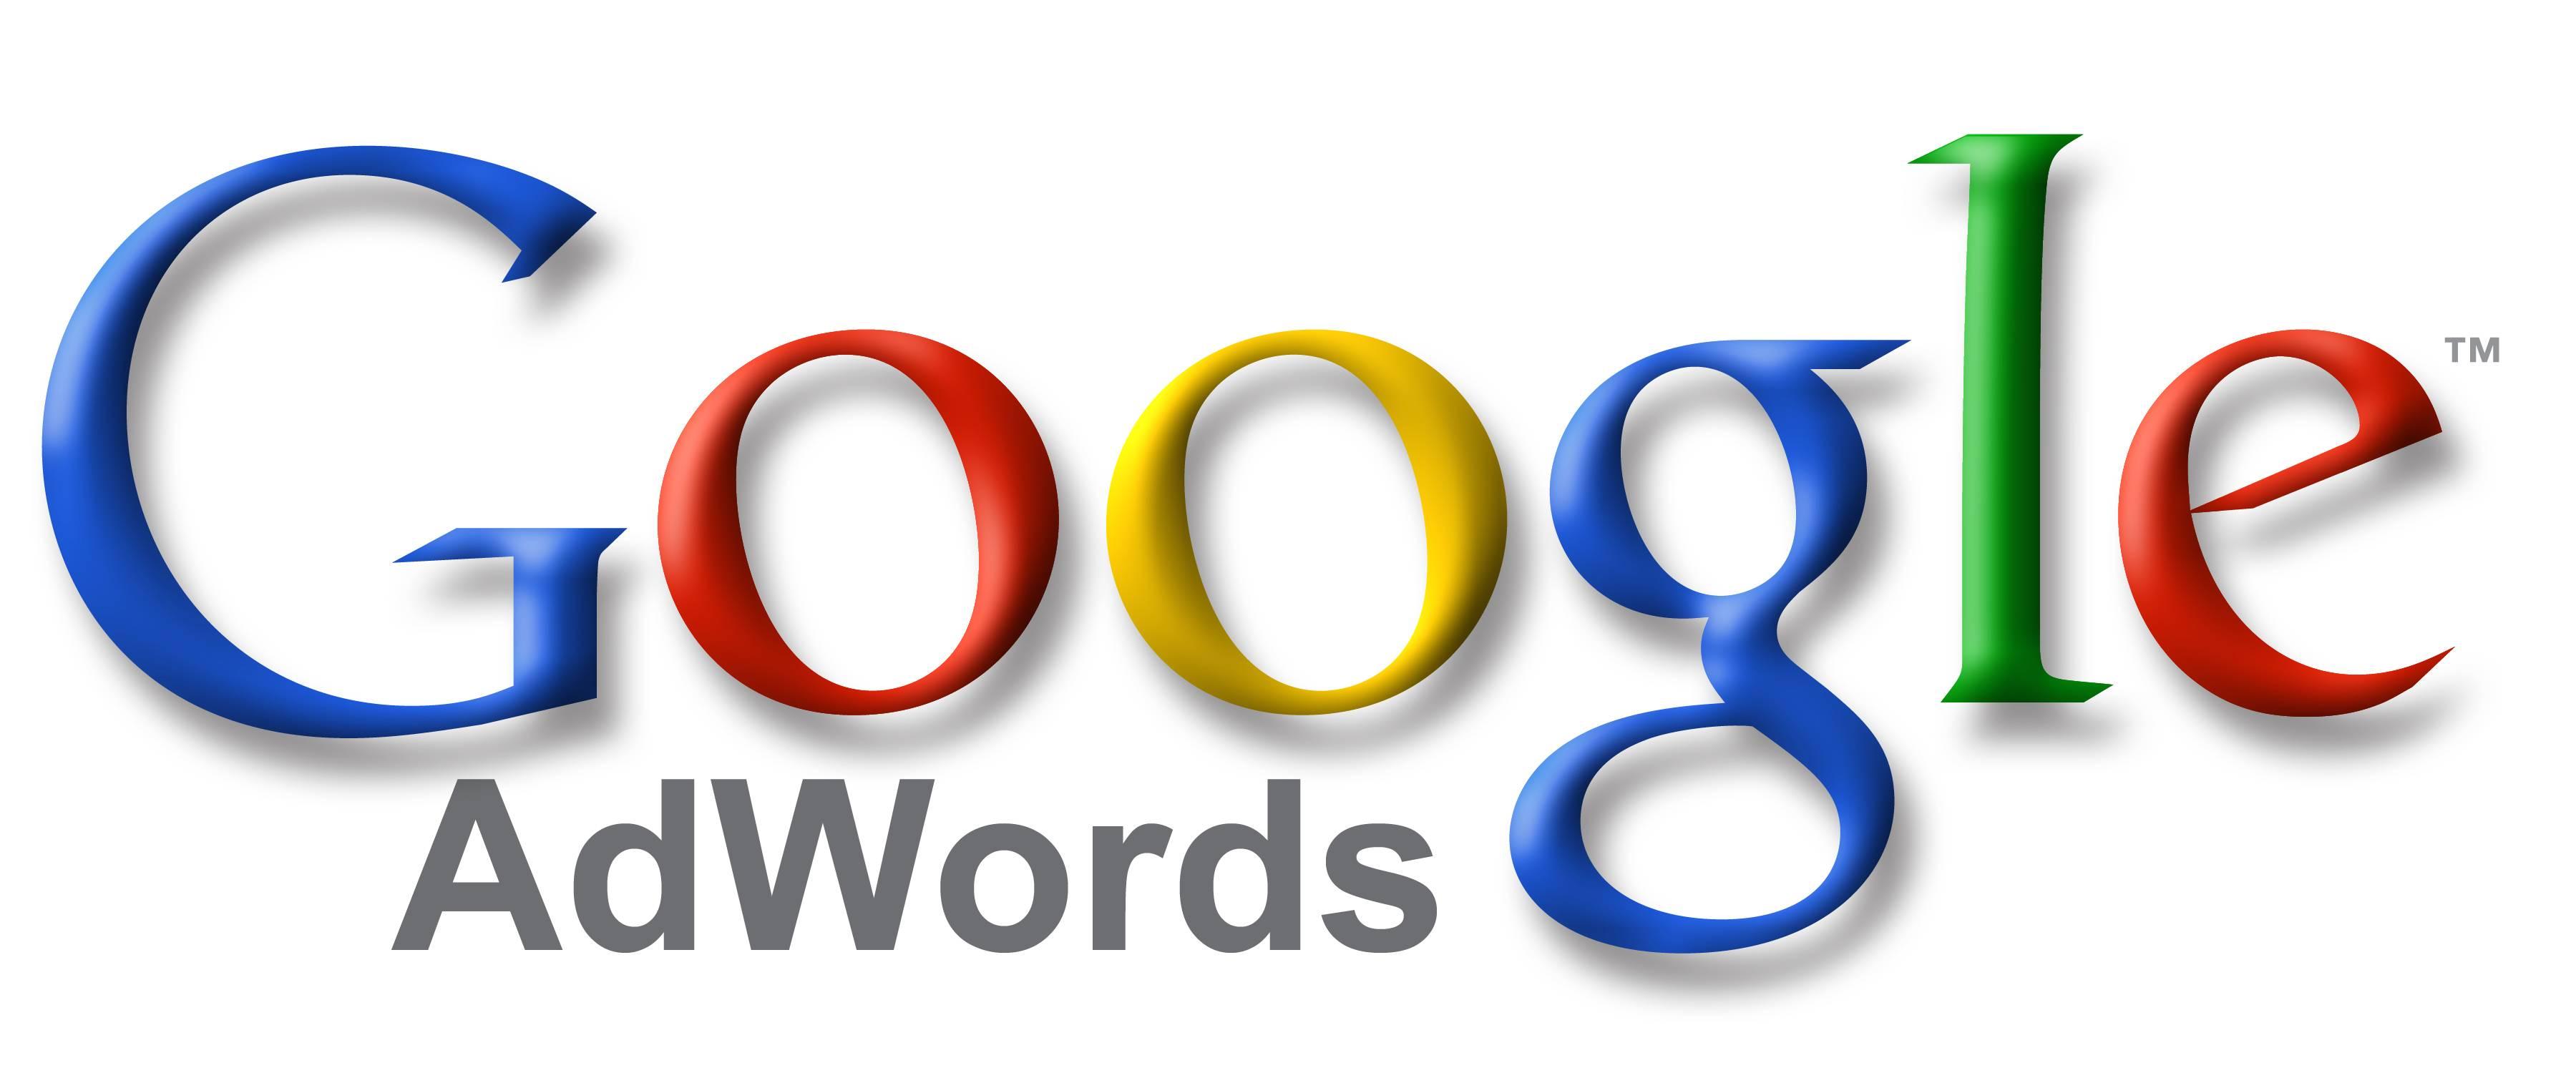 ¿Sabes cómo crear una campaña de Google Adwords para tu negocio web?